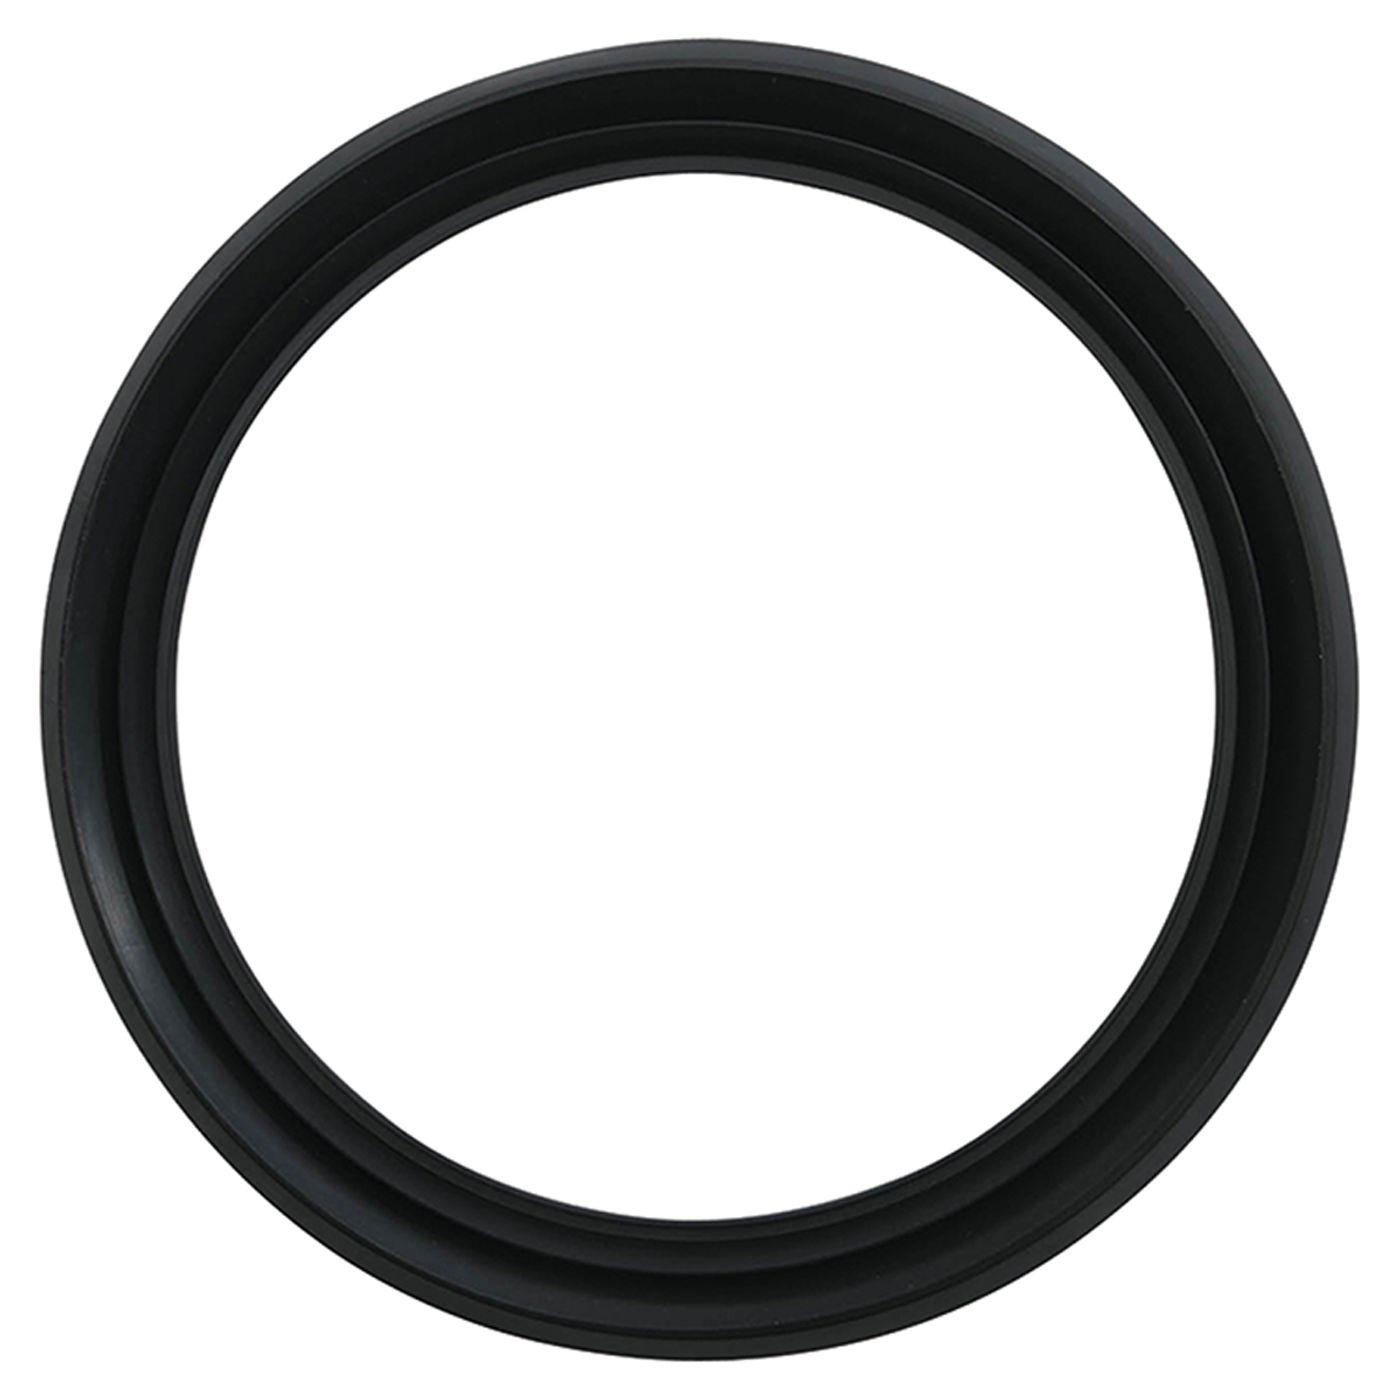 Wrp Brake Drum Seals - WRP3022001 image